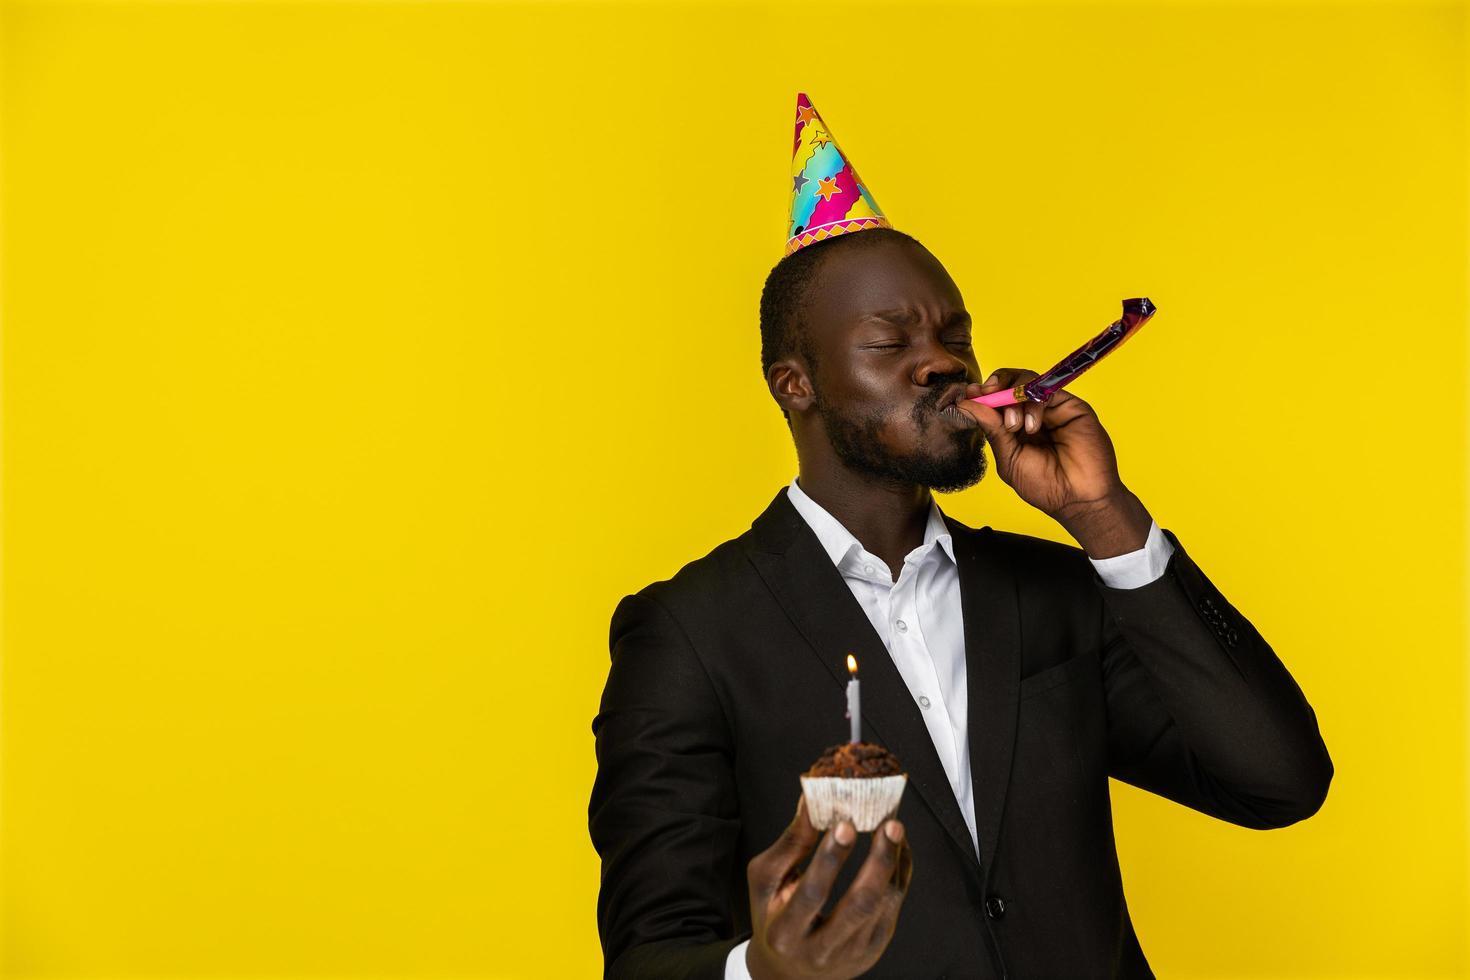 Mann feiert mit einem Cupcake foto